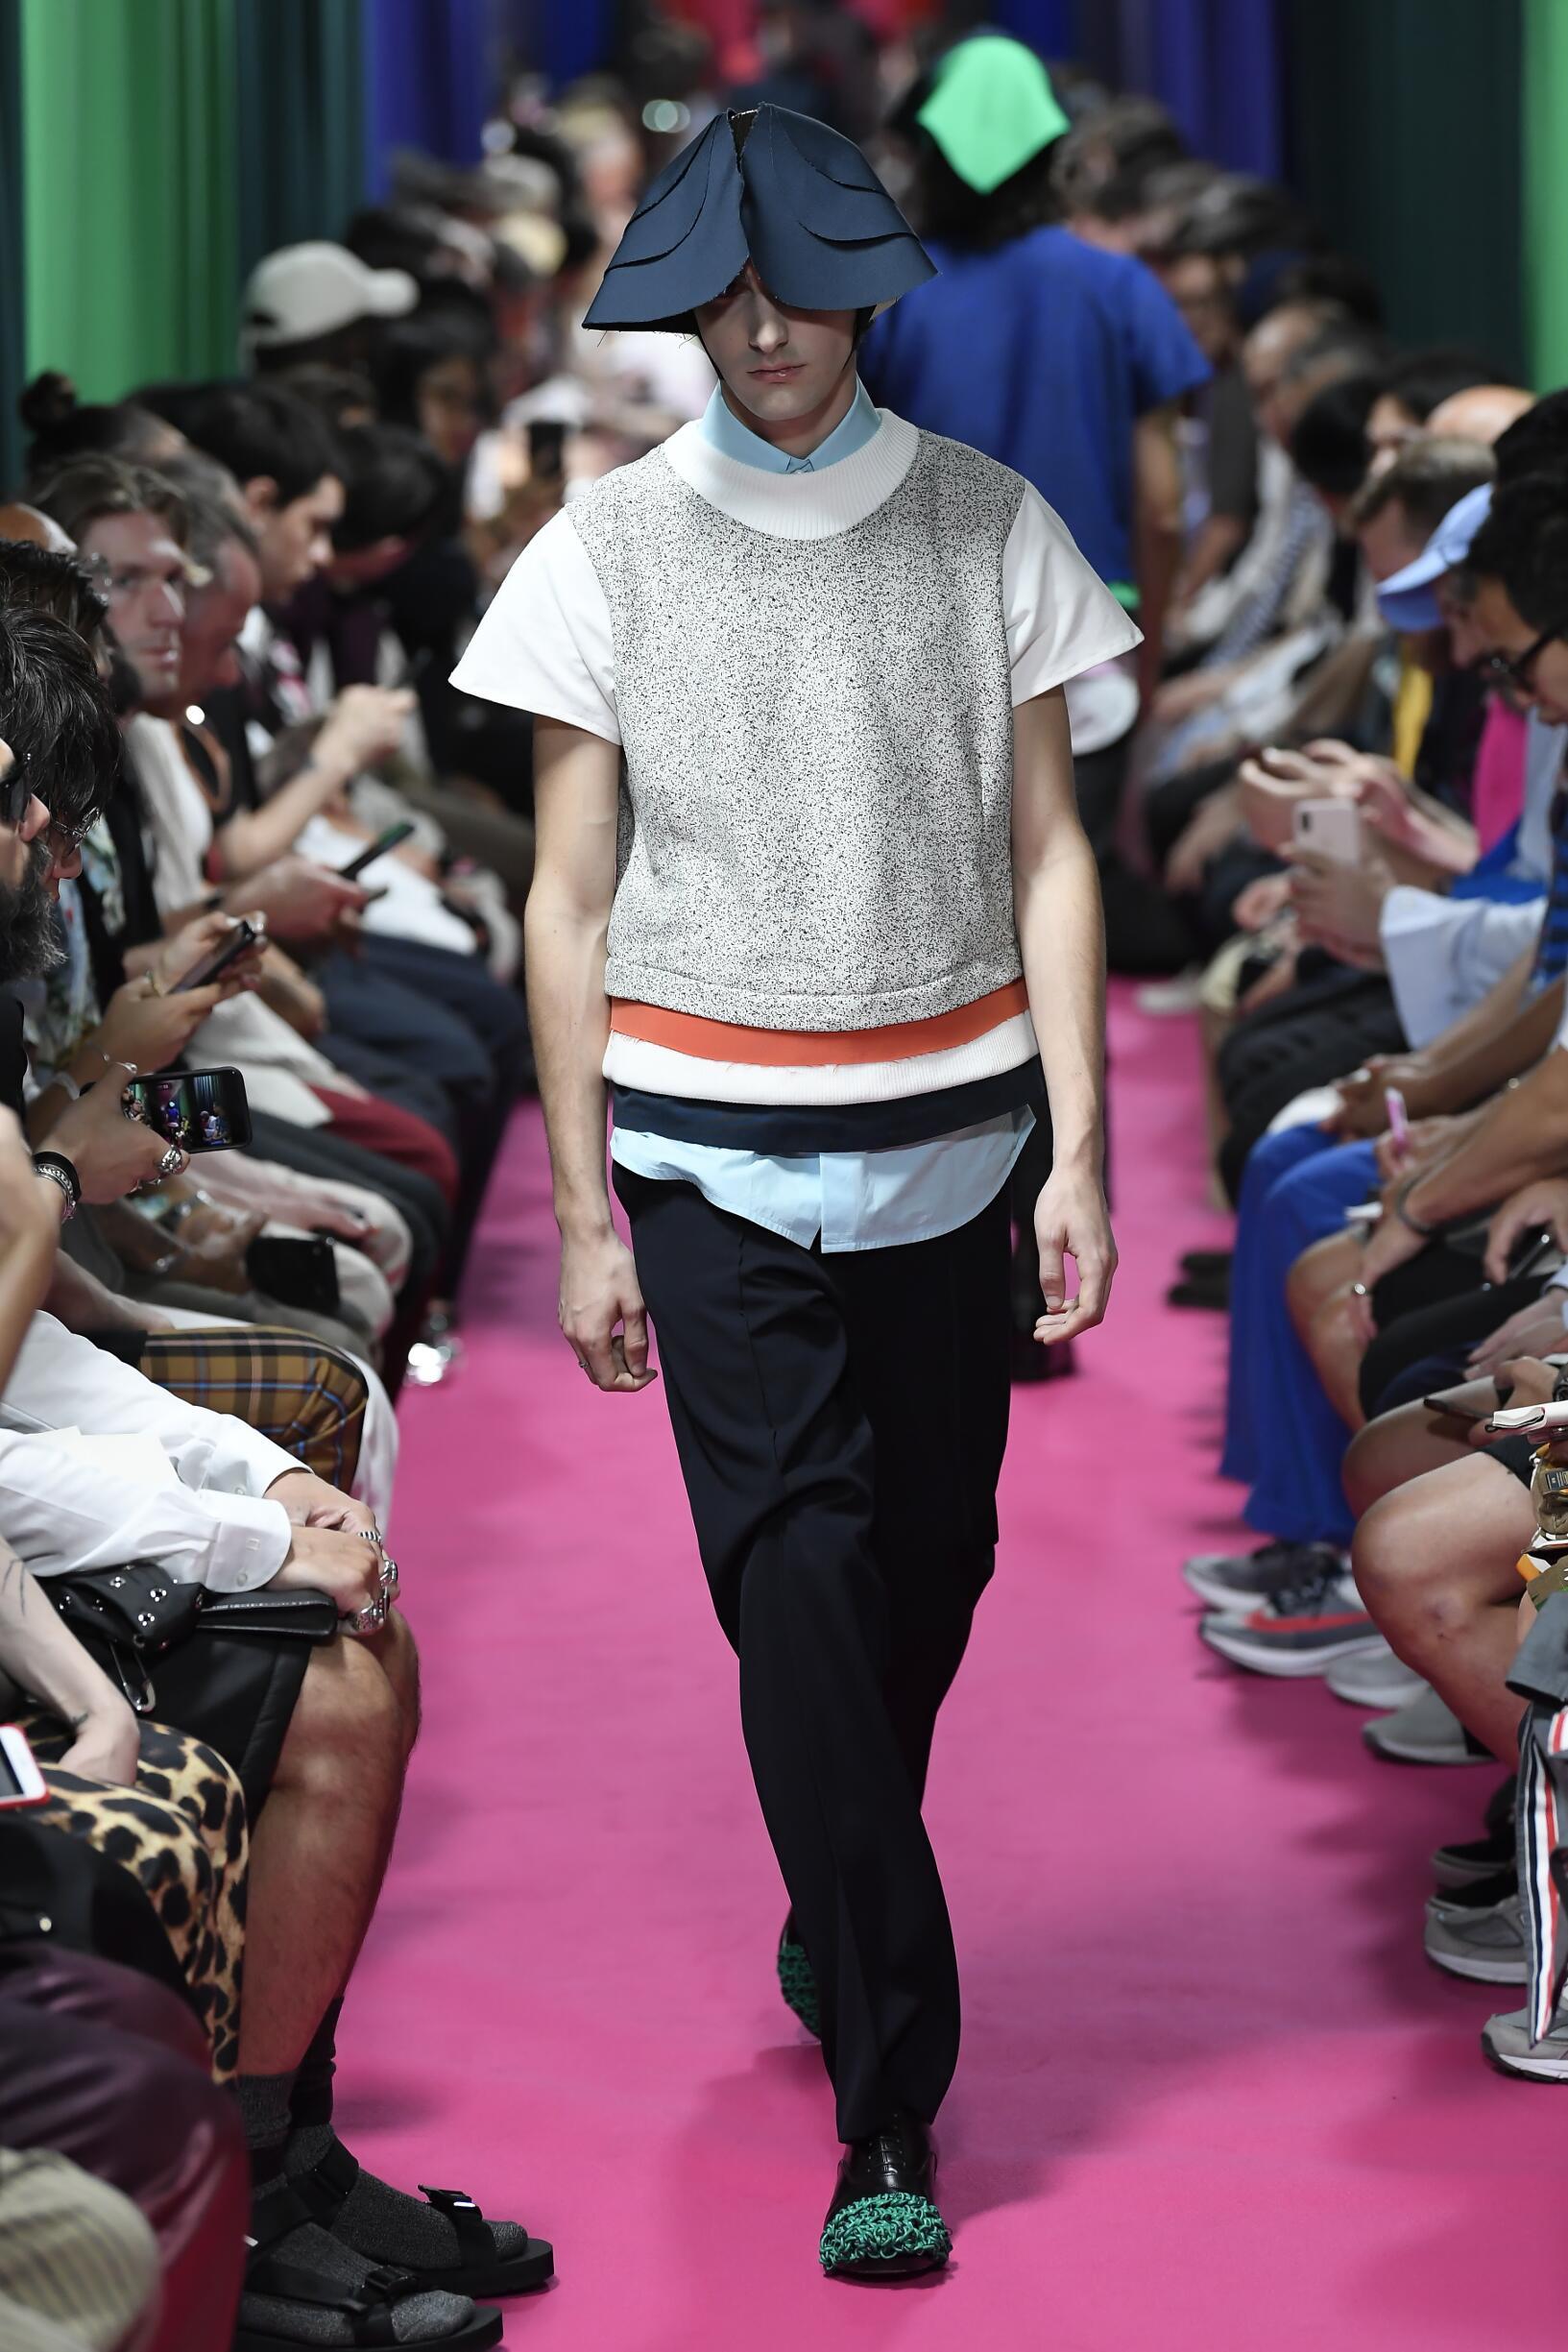 SS 2020 Fashion Show Namacheko